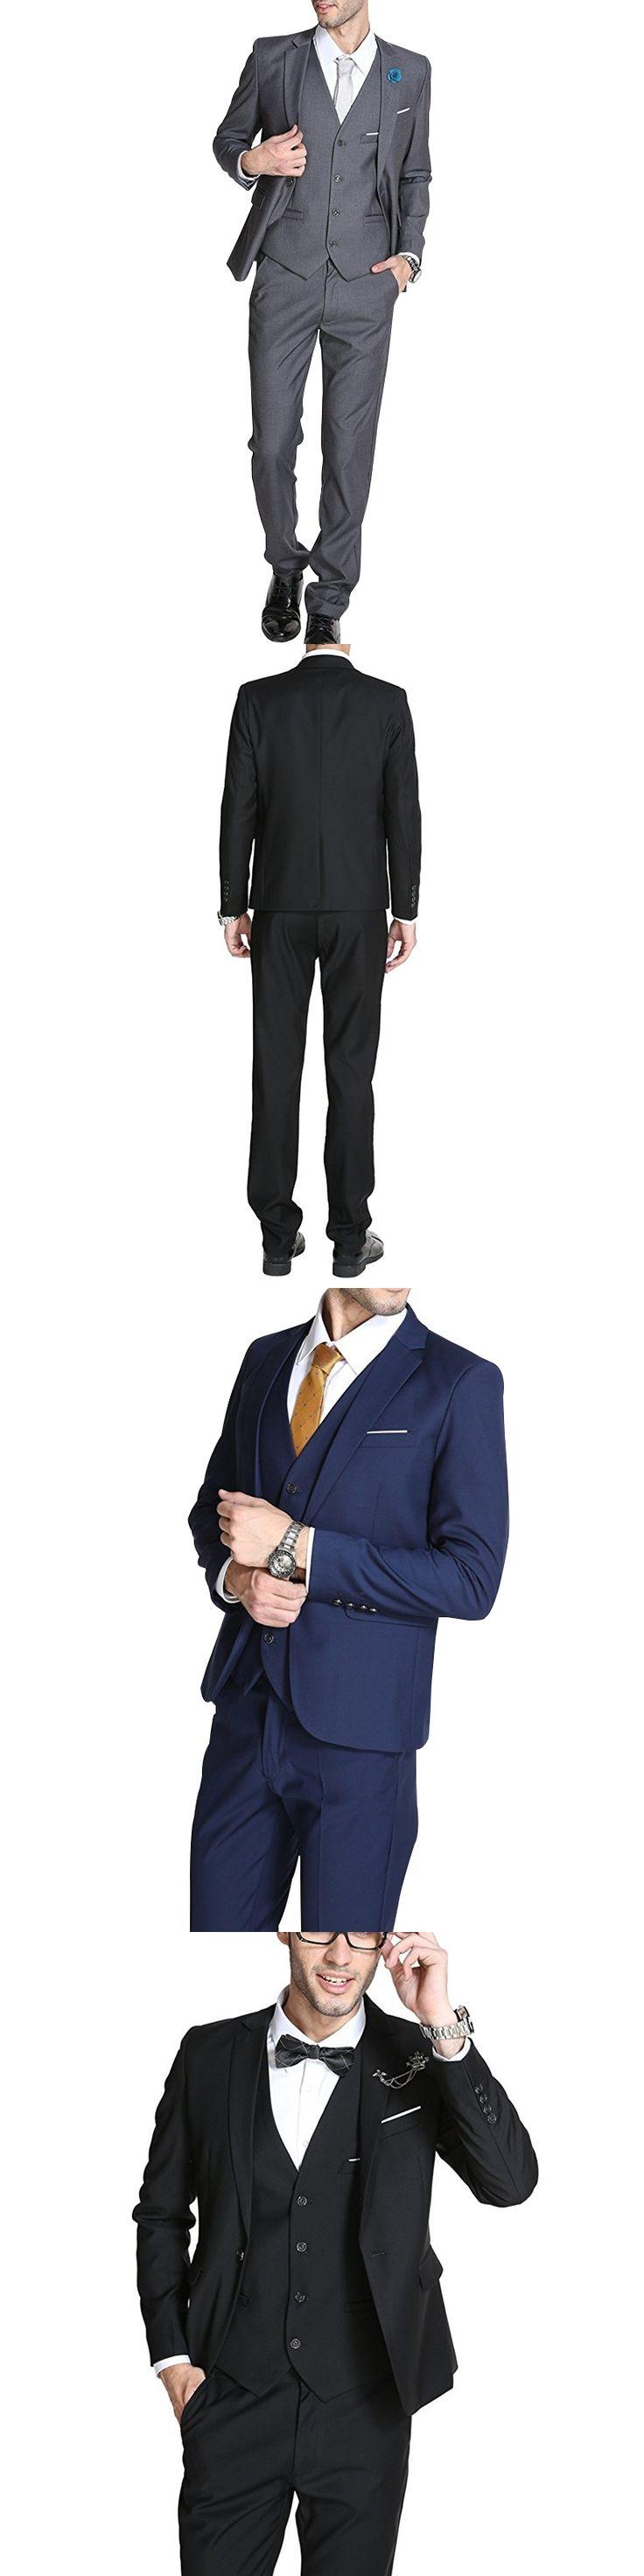 Mens One Button Suits 3 Piece Suit costume homme 2017 Slim Fit Suits Plus Size XS-6XL Men White Wedding Suit (Jacket+Vest+Pants)